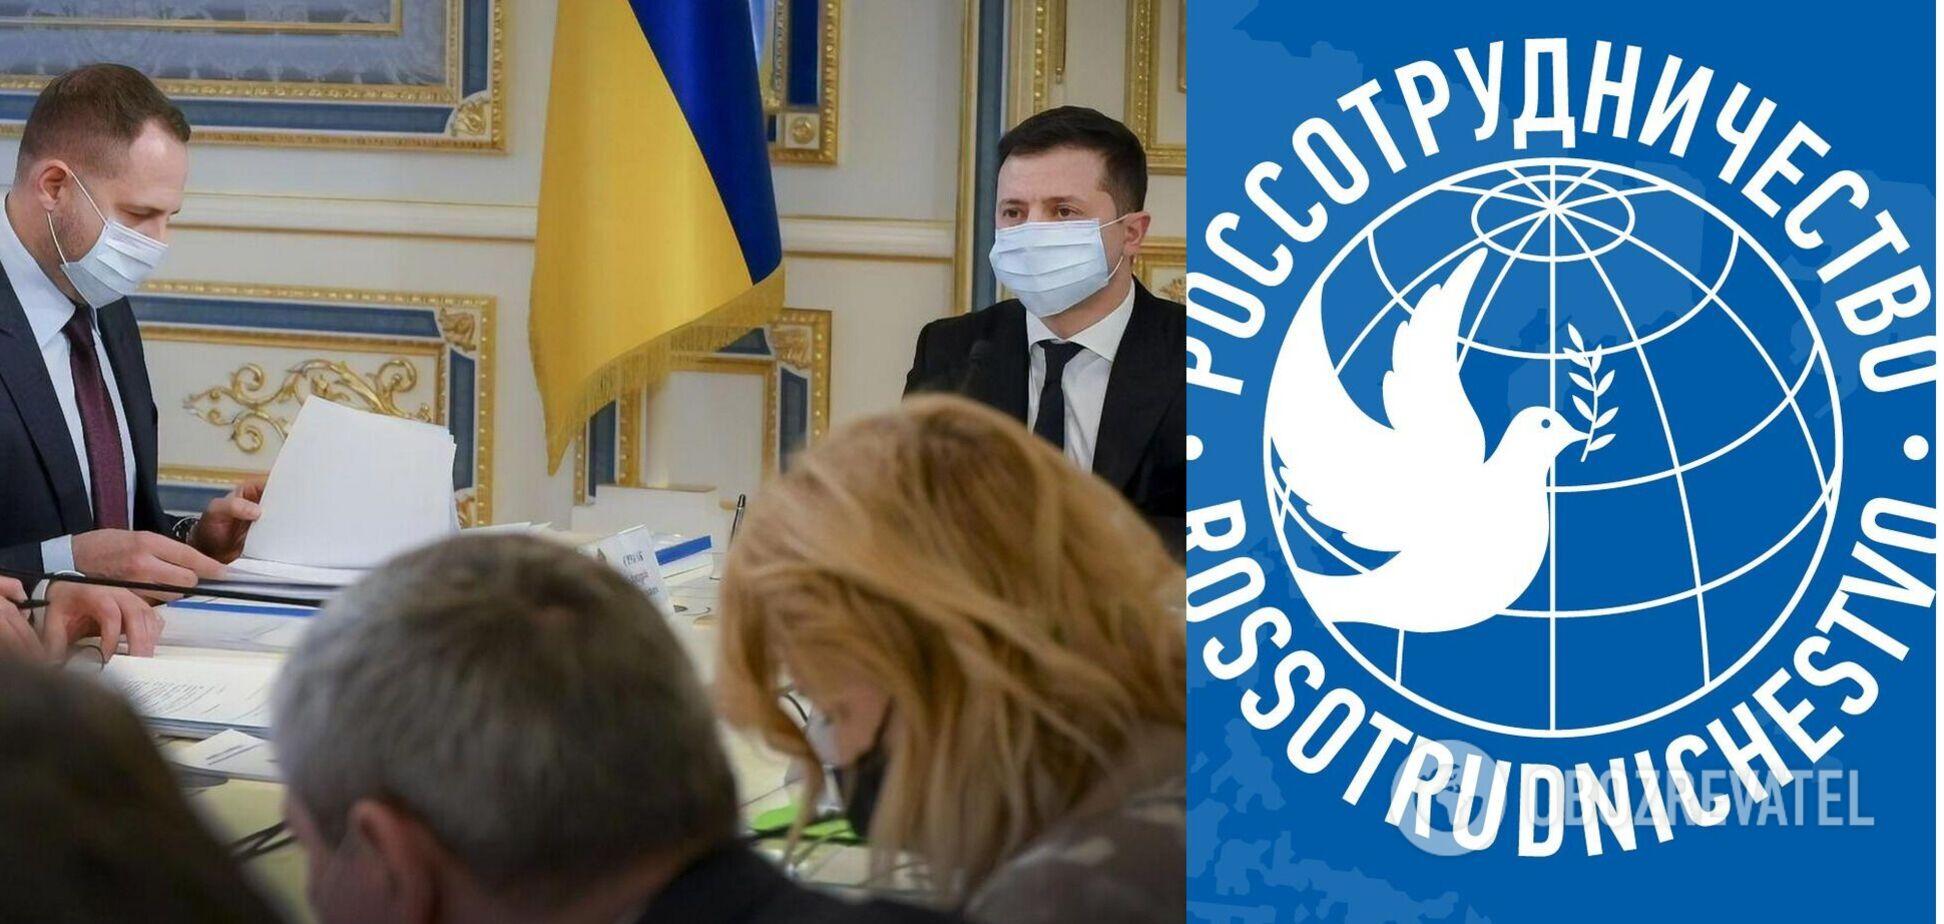 Под санкции СНБО попало 'Россотрудничество', которое 'украло' Шевченко: Захарова уже отреагировала